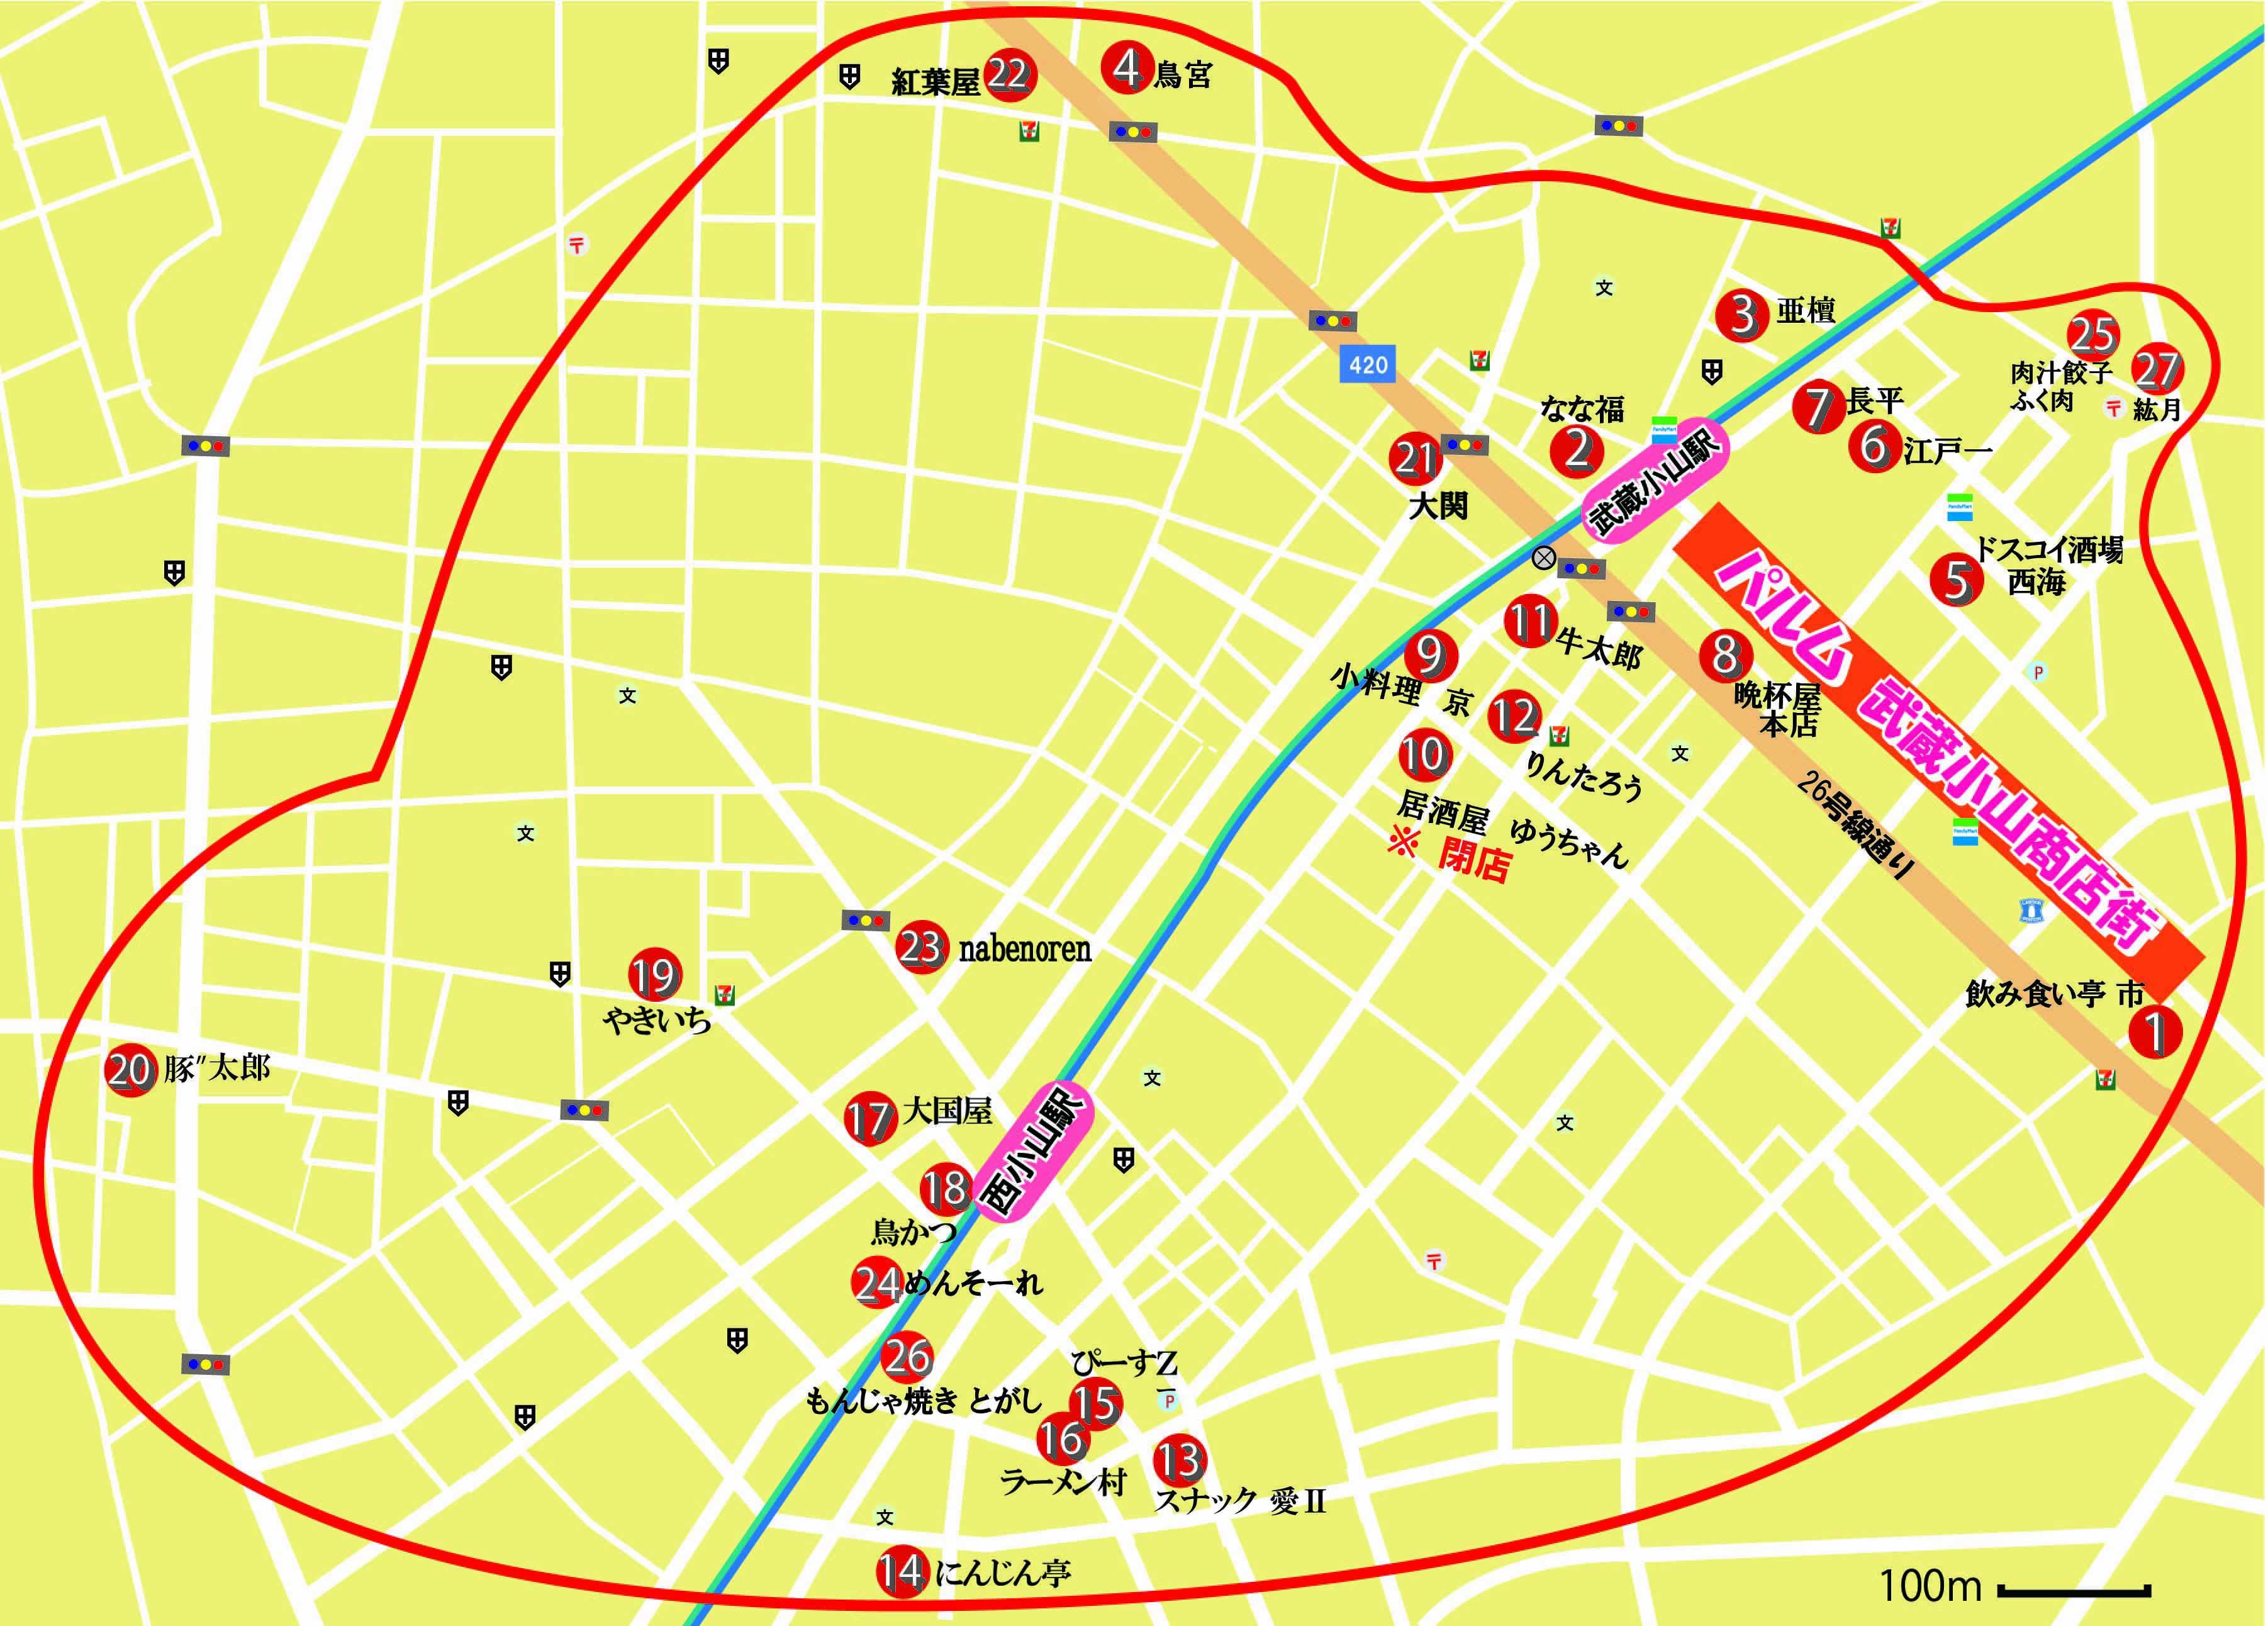 20170413_ハイサワー特区地図追加